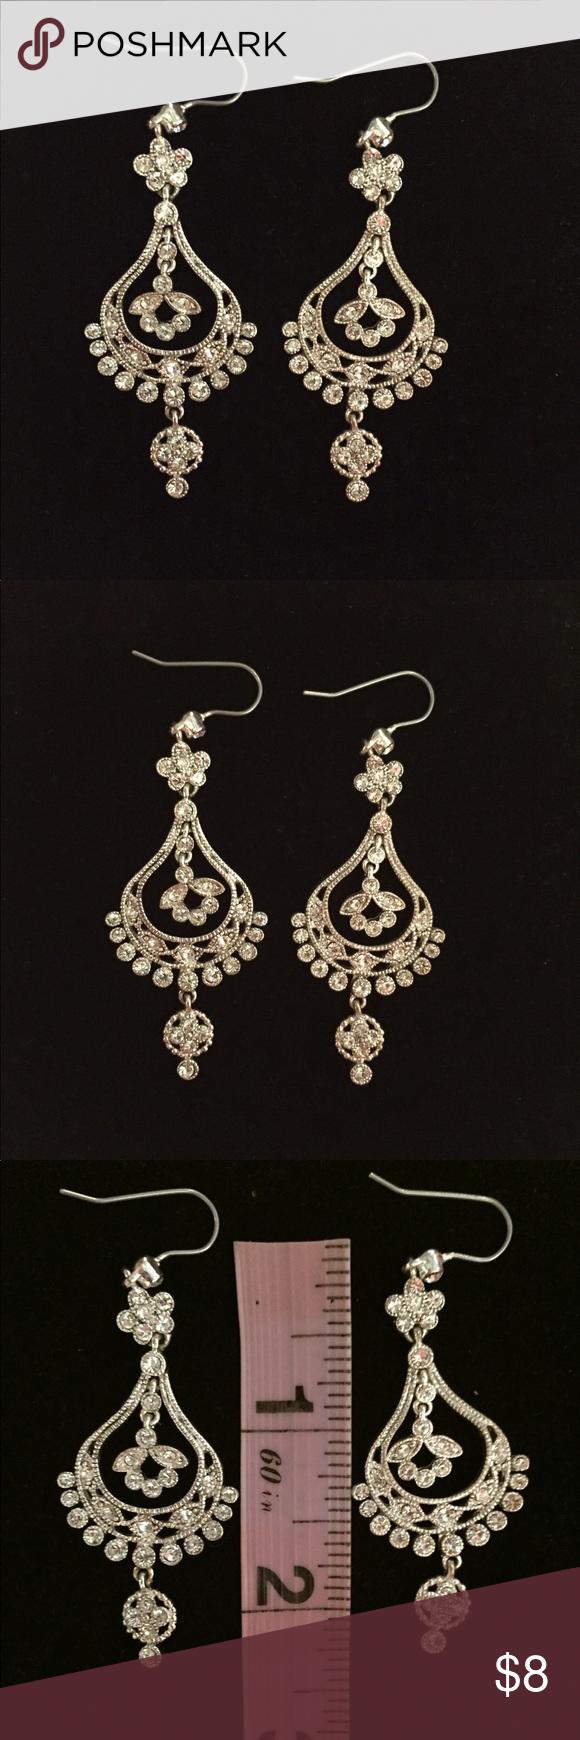 Monet Chandelier Earrings